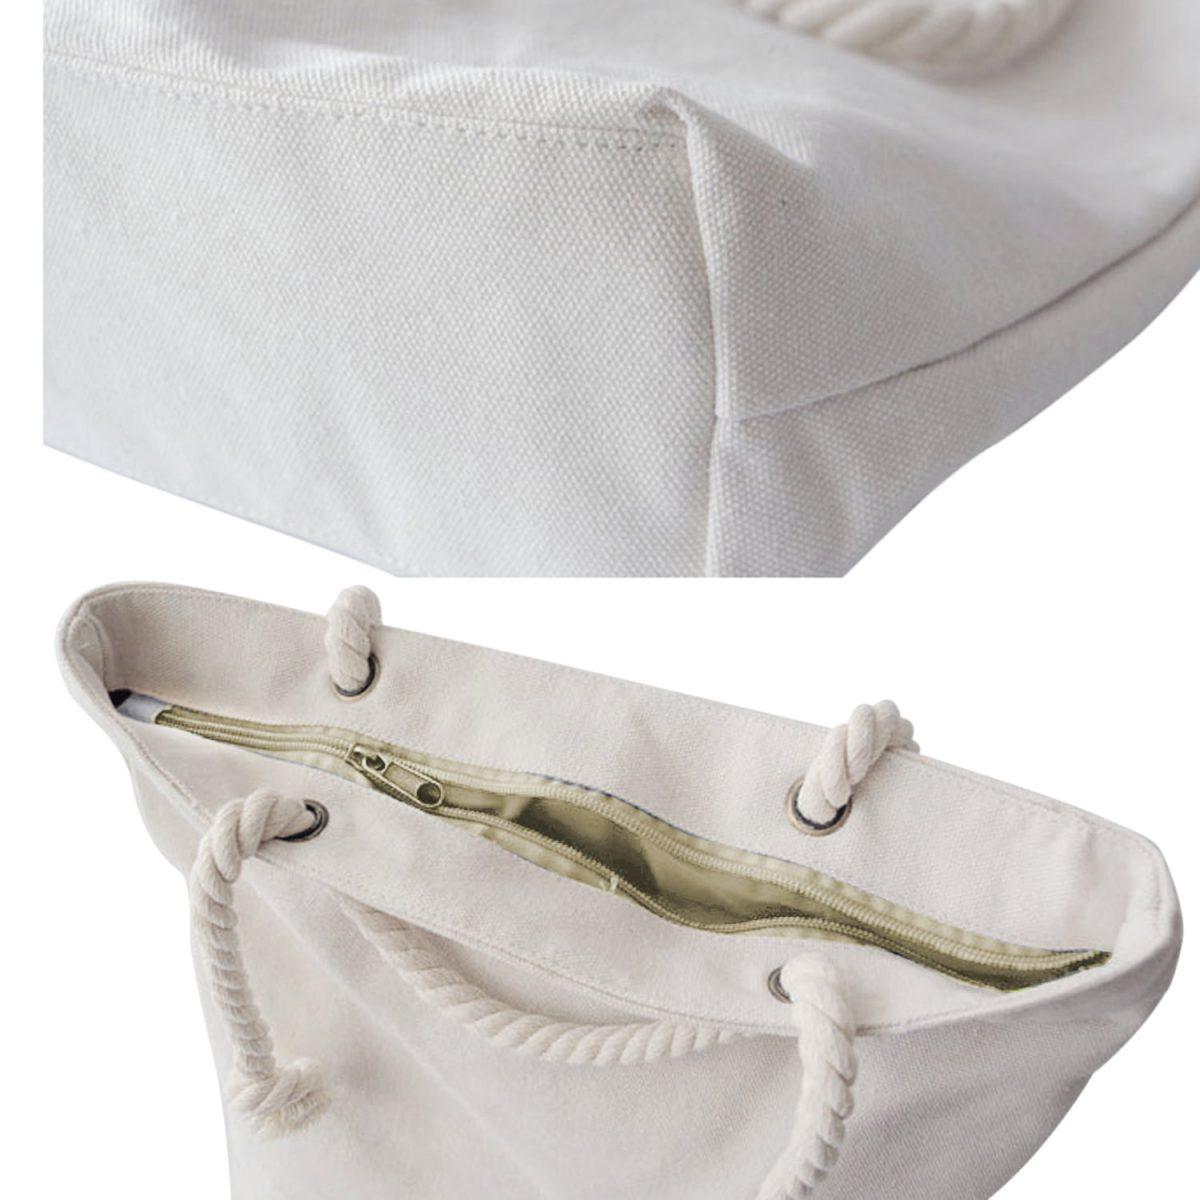 Siyah Beyaz Şeritli Dijital Baskılı Fermuarlı Kumaş Çanta Realhomes